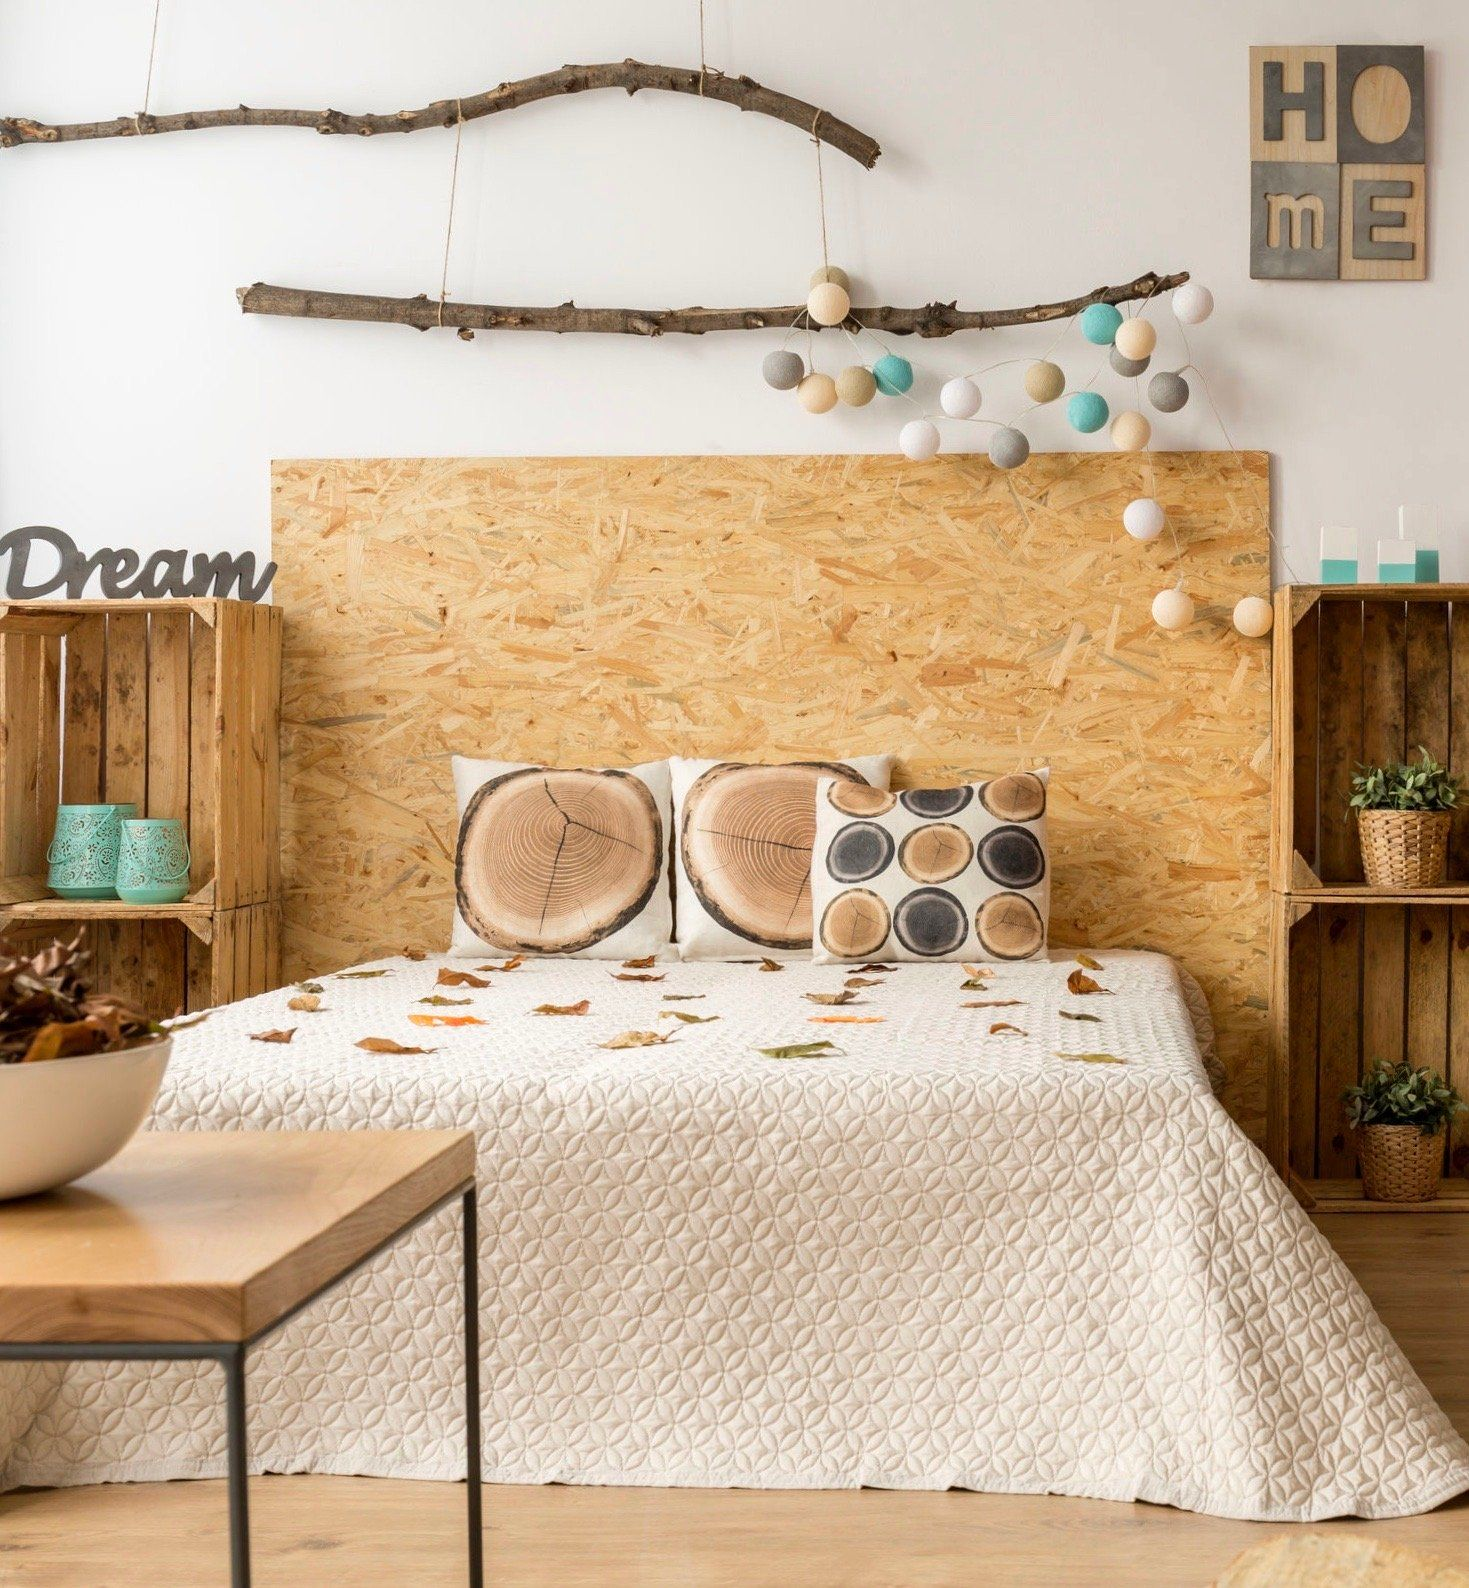 Meuble osb : tout ce que vous devez savoir, ou acheter + DIY